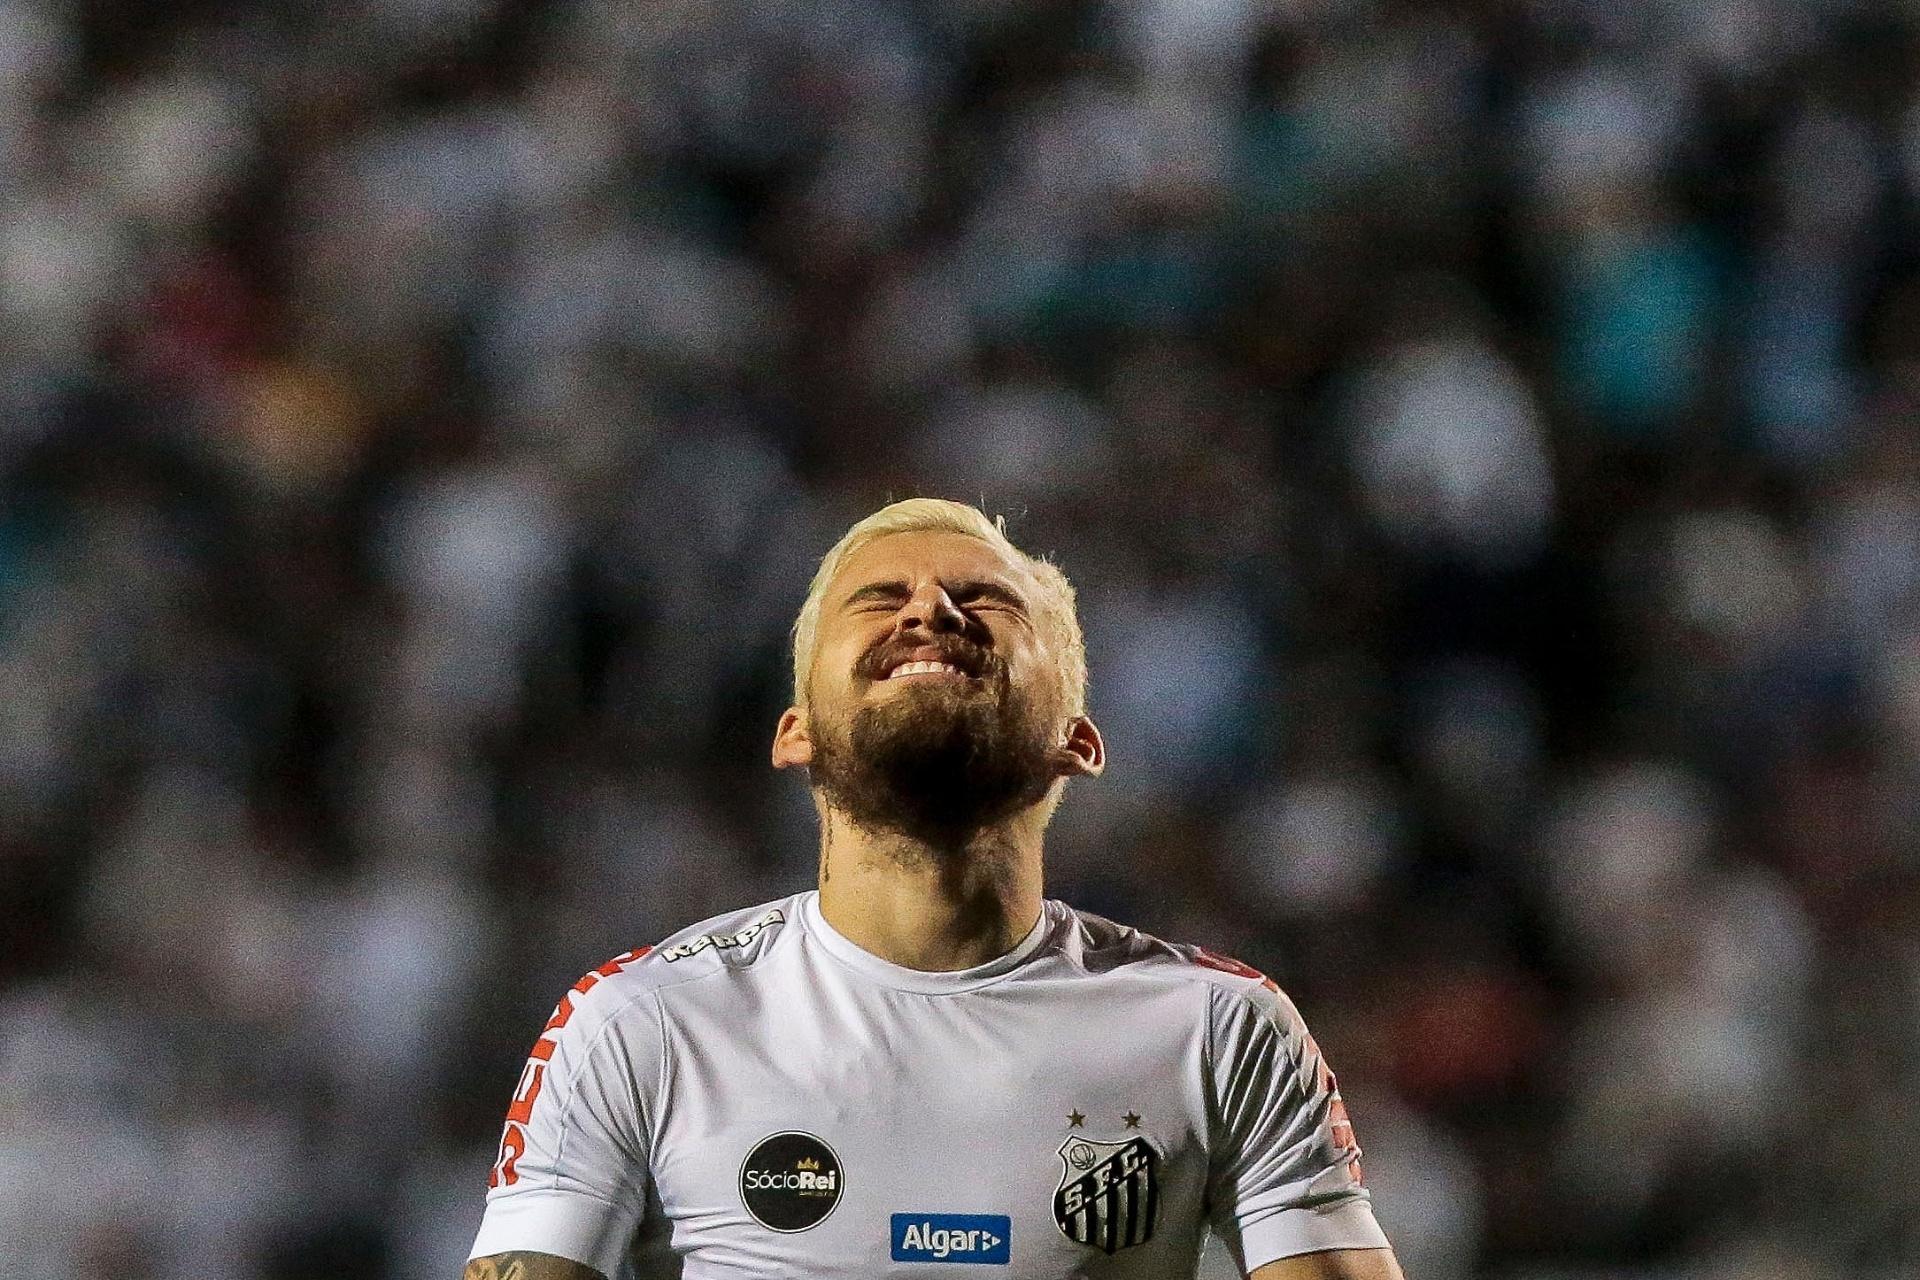 Santos busca empate duas vezes contra o Vitória e fica longe do Corinthians  - 16 10 2017 - UOL Esporte f5fe0acd6820c